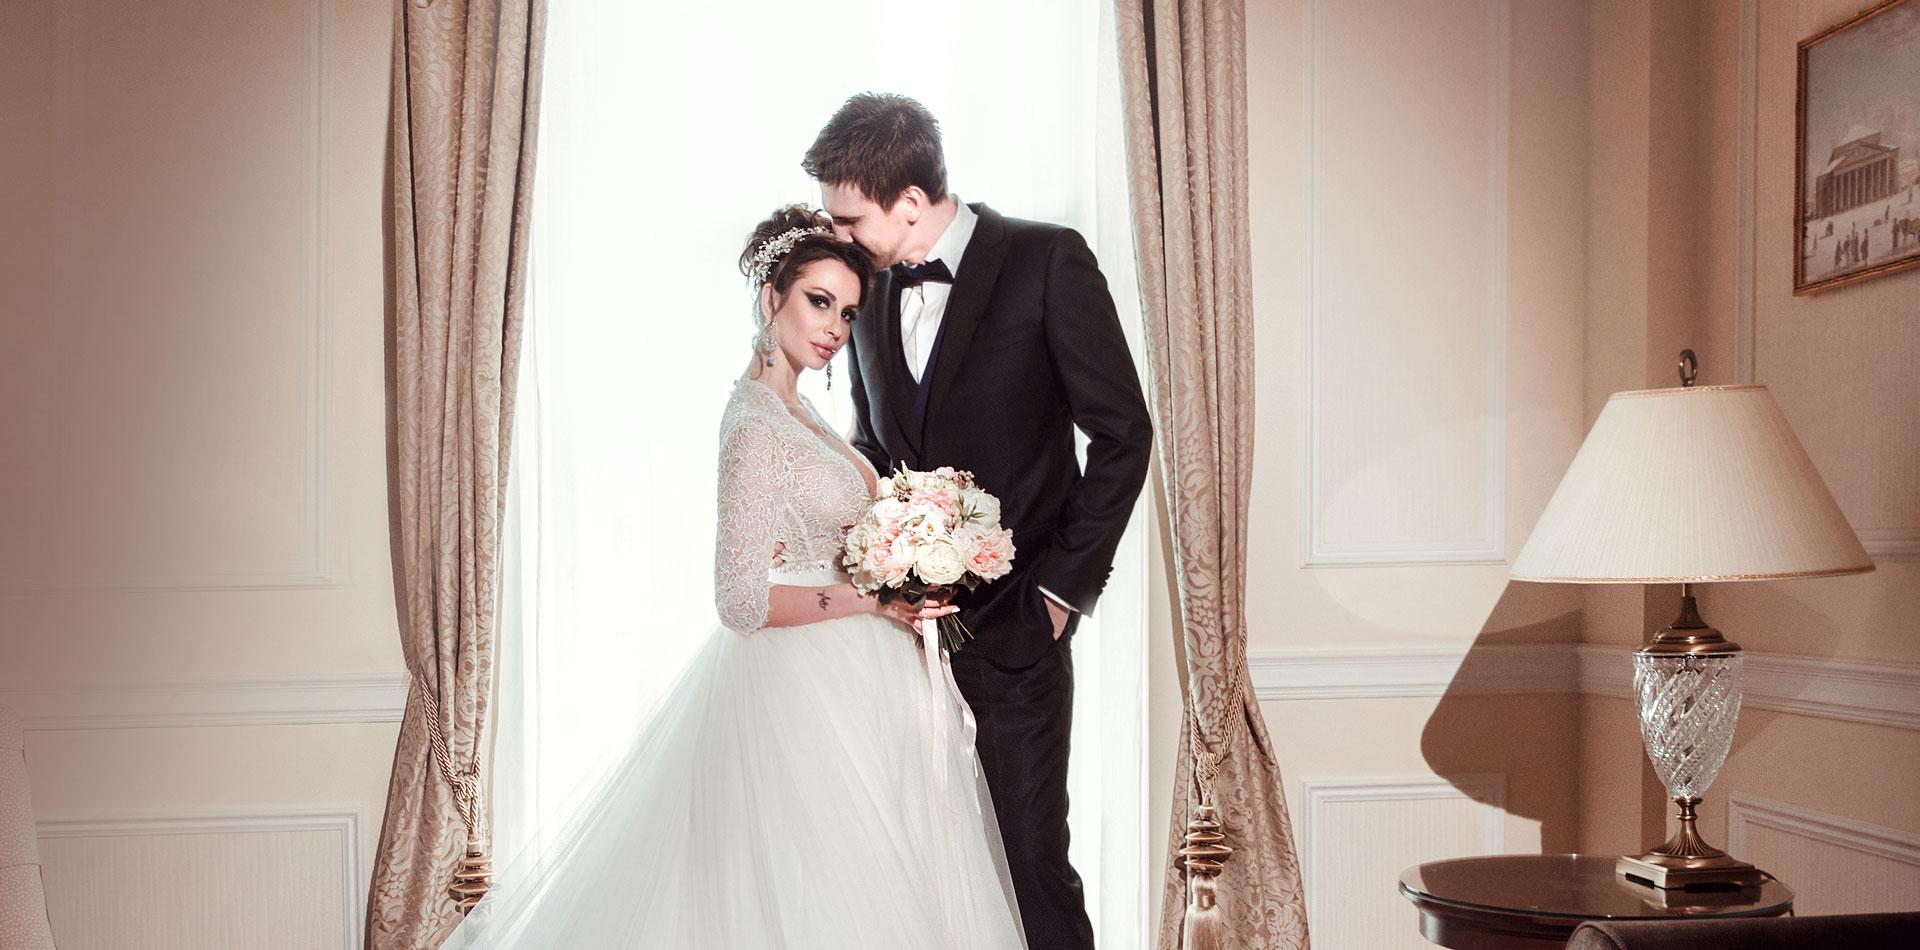 Пионовая свадьба. Свадьба Анны Грачевской и Артема Кузякина фото 18